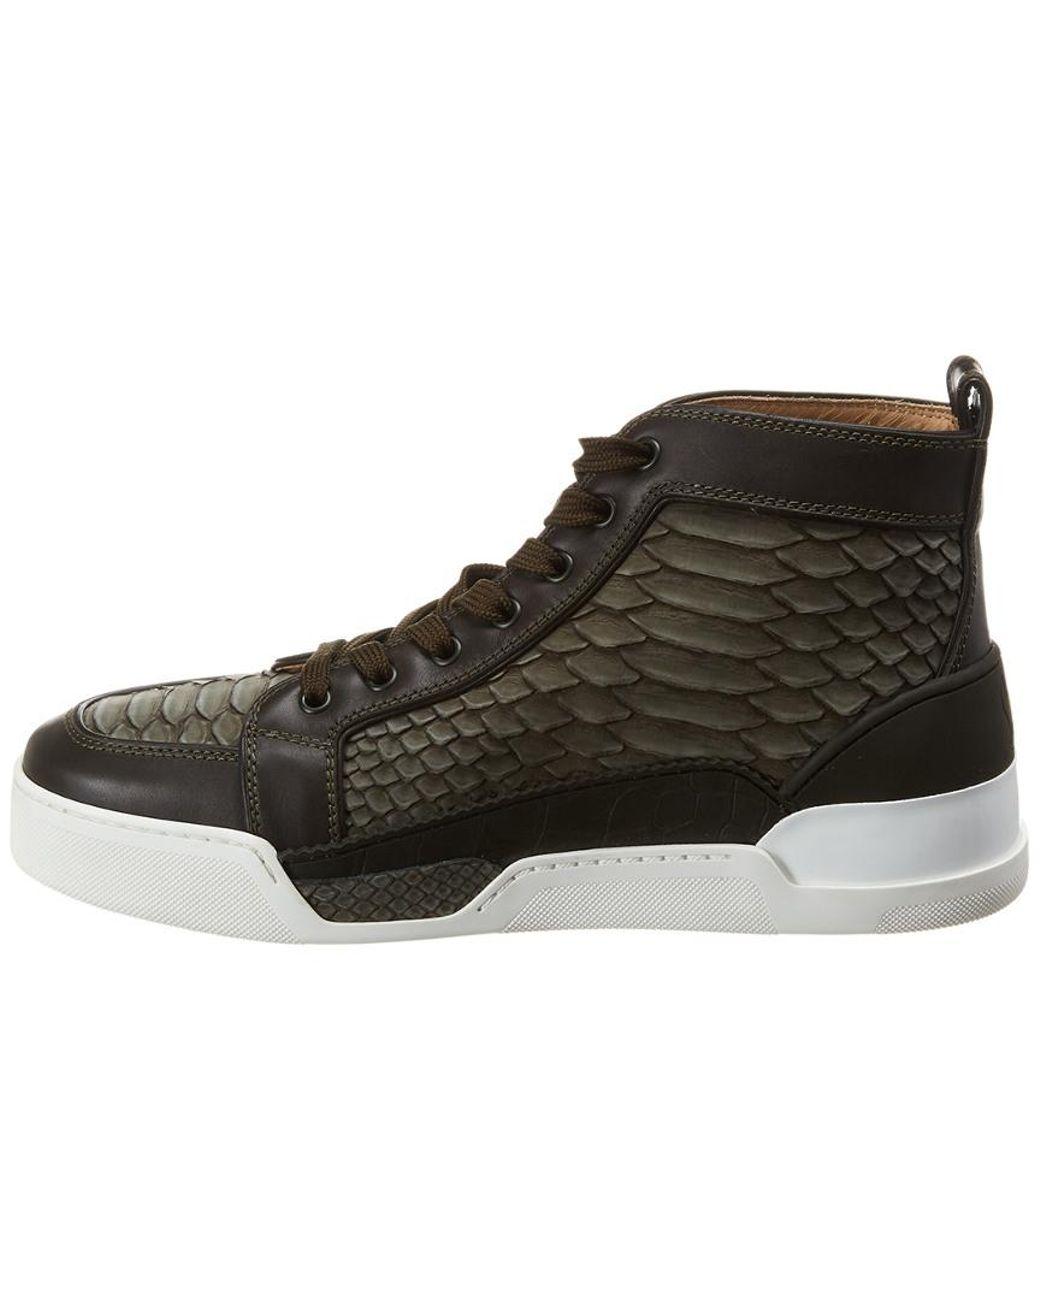 cheaper 0864e 49f07 Men's Green Rankick Leather Sneaker